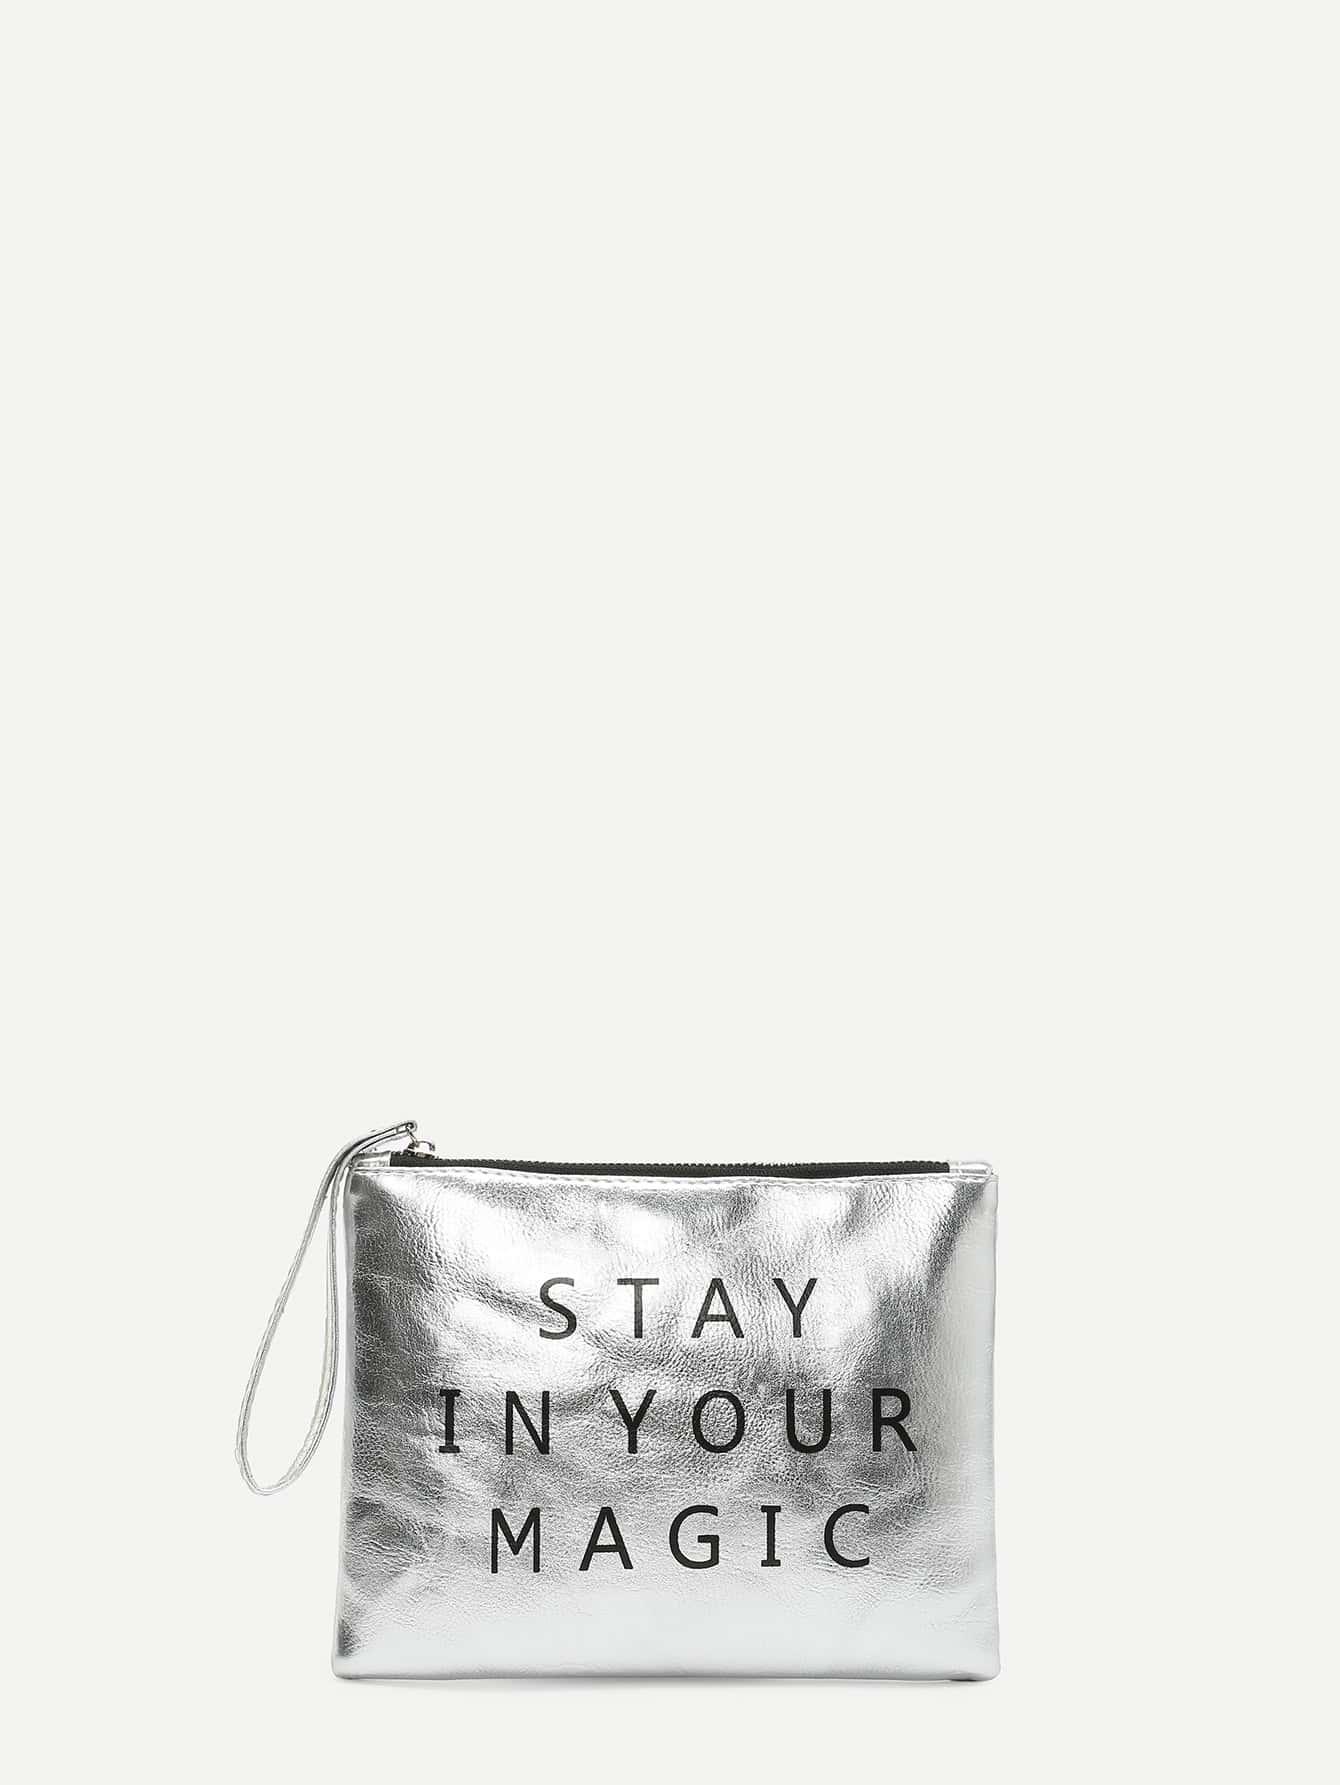 Купить Модный кожаный клатч с текстовым принтом, null, SheIn